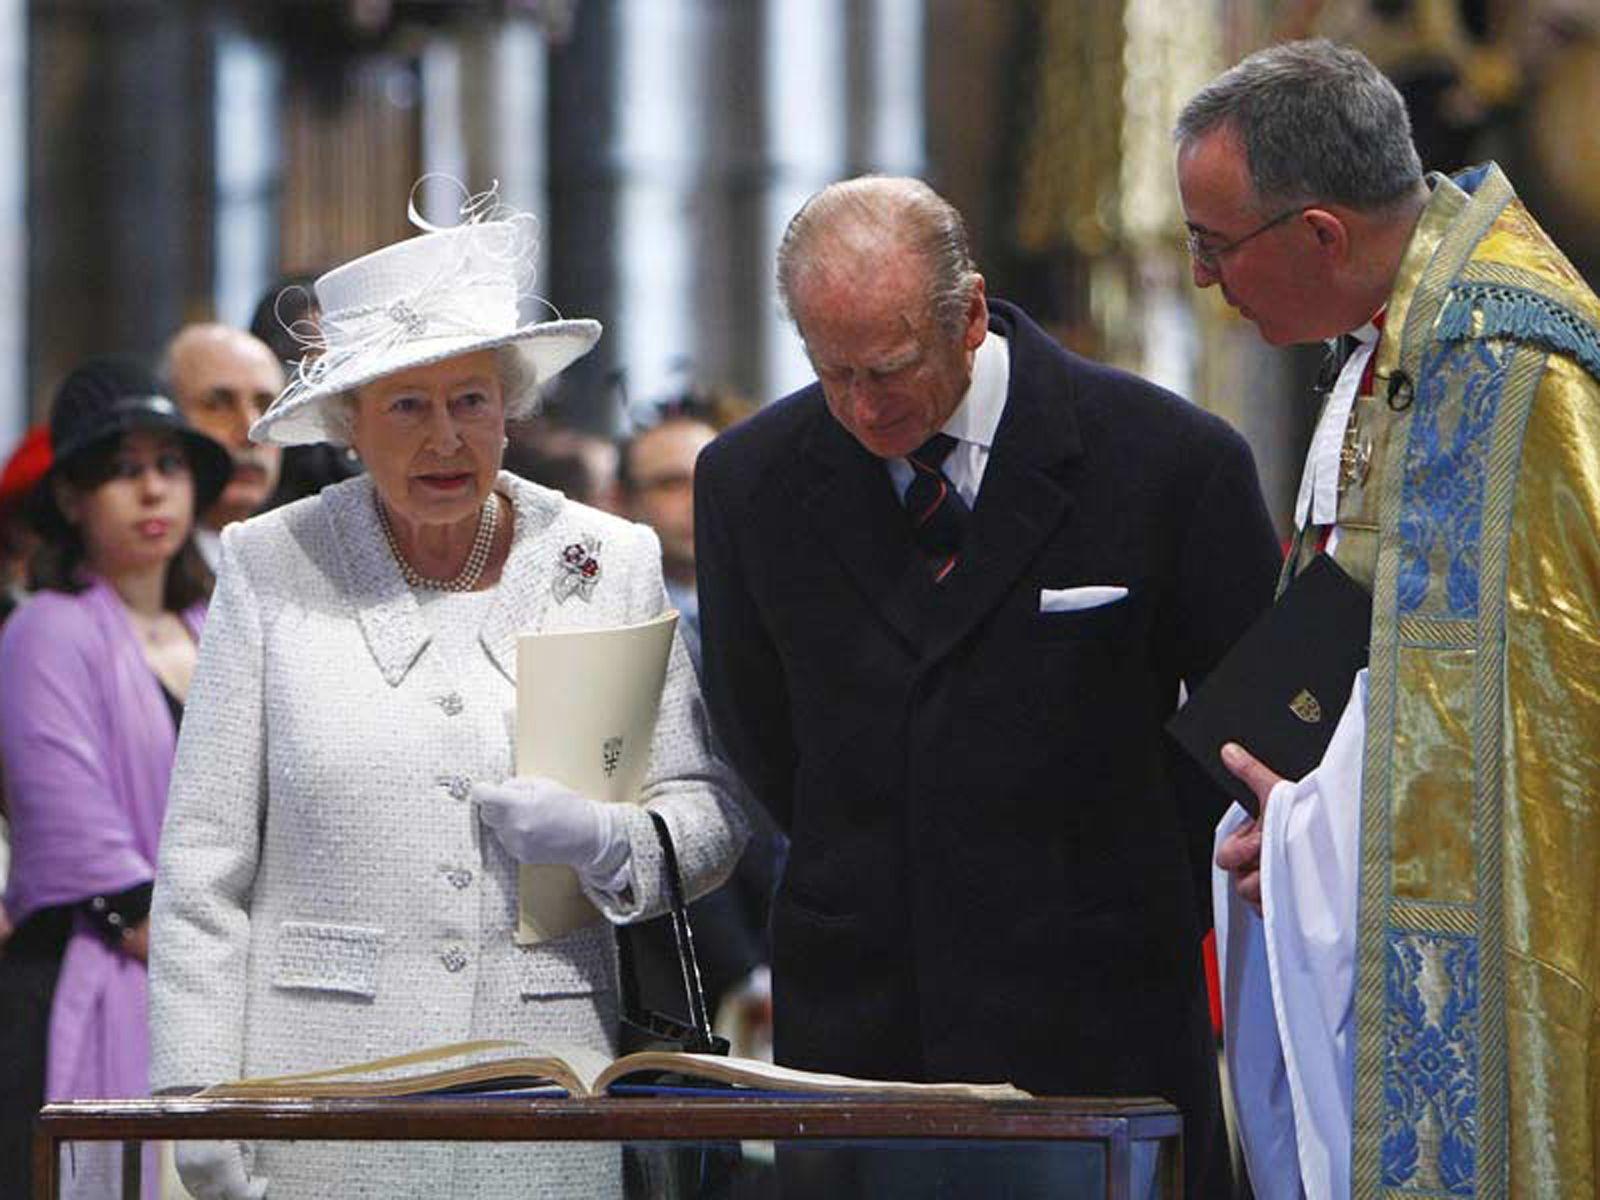 2007 Queen Elizabeth II celebrates 60 years of marriage